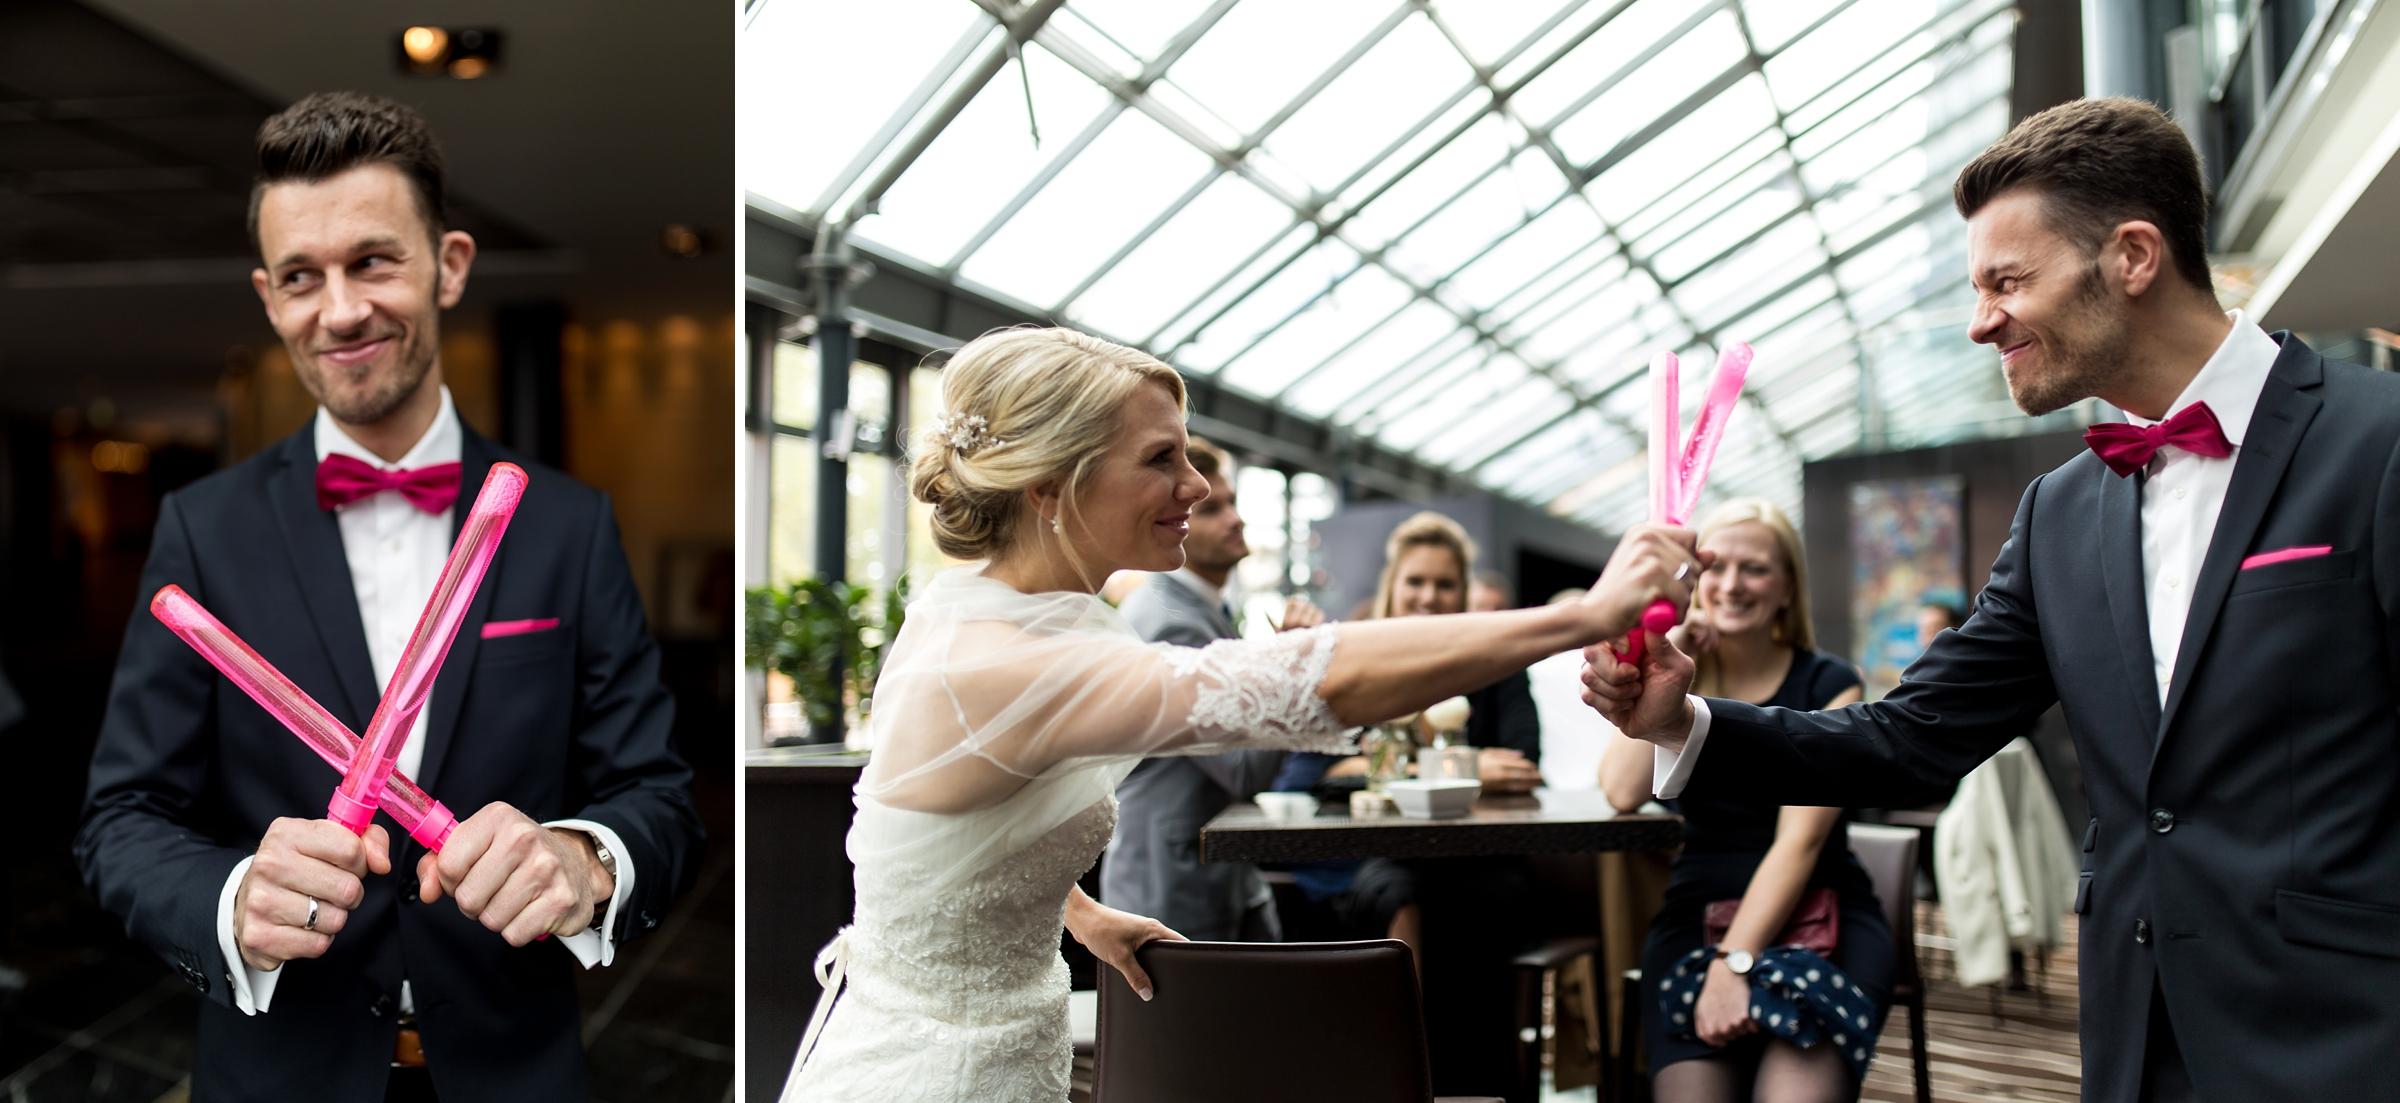 Hochzeitsfotograf-Mainz-Hyatt-Regency-lustiges-Brautpaar